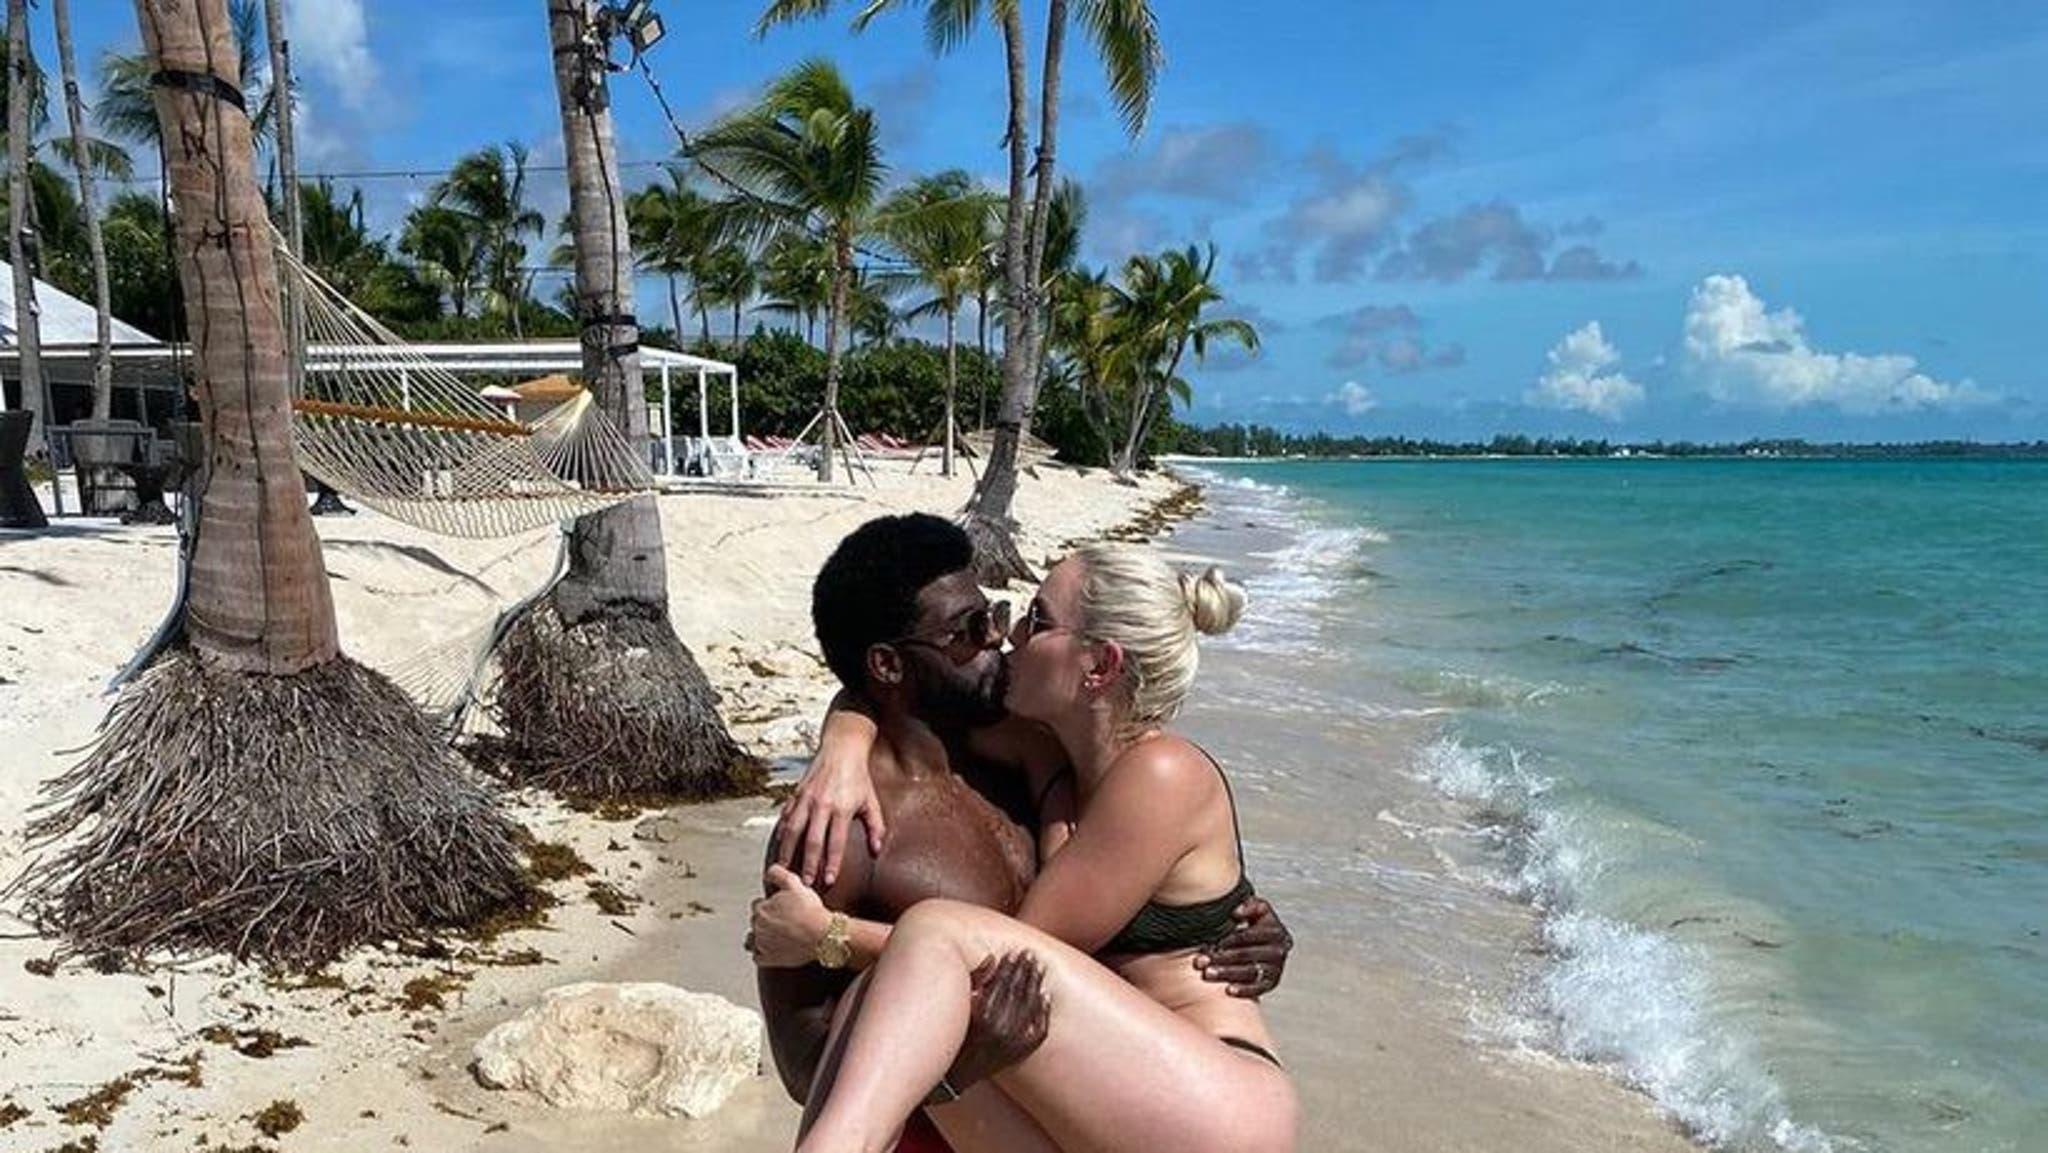 Lindsey Vonn and P.K. Subban's Bahamas Vacation